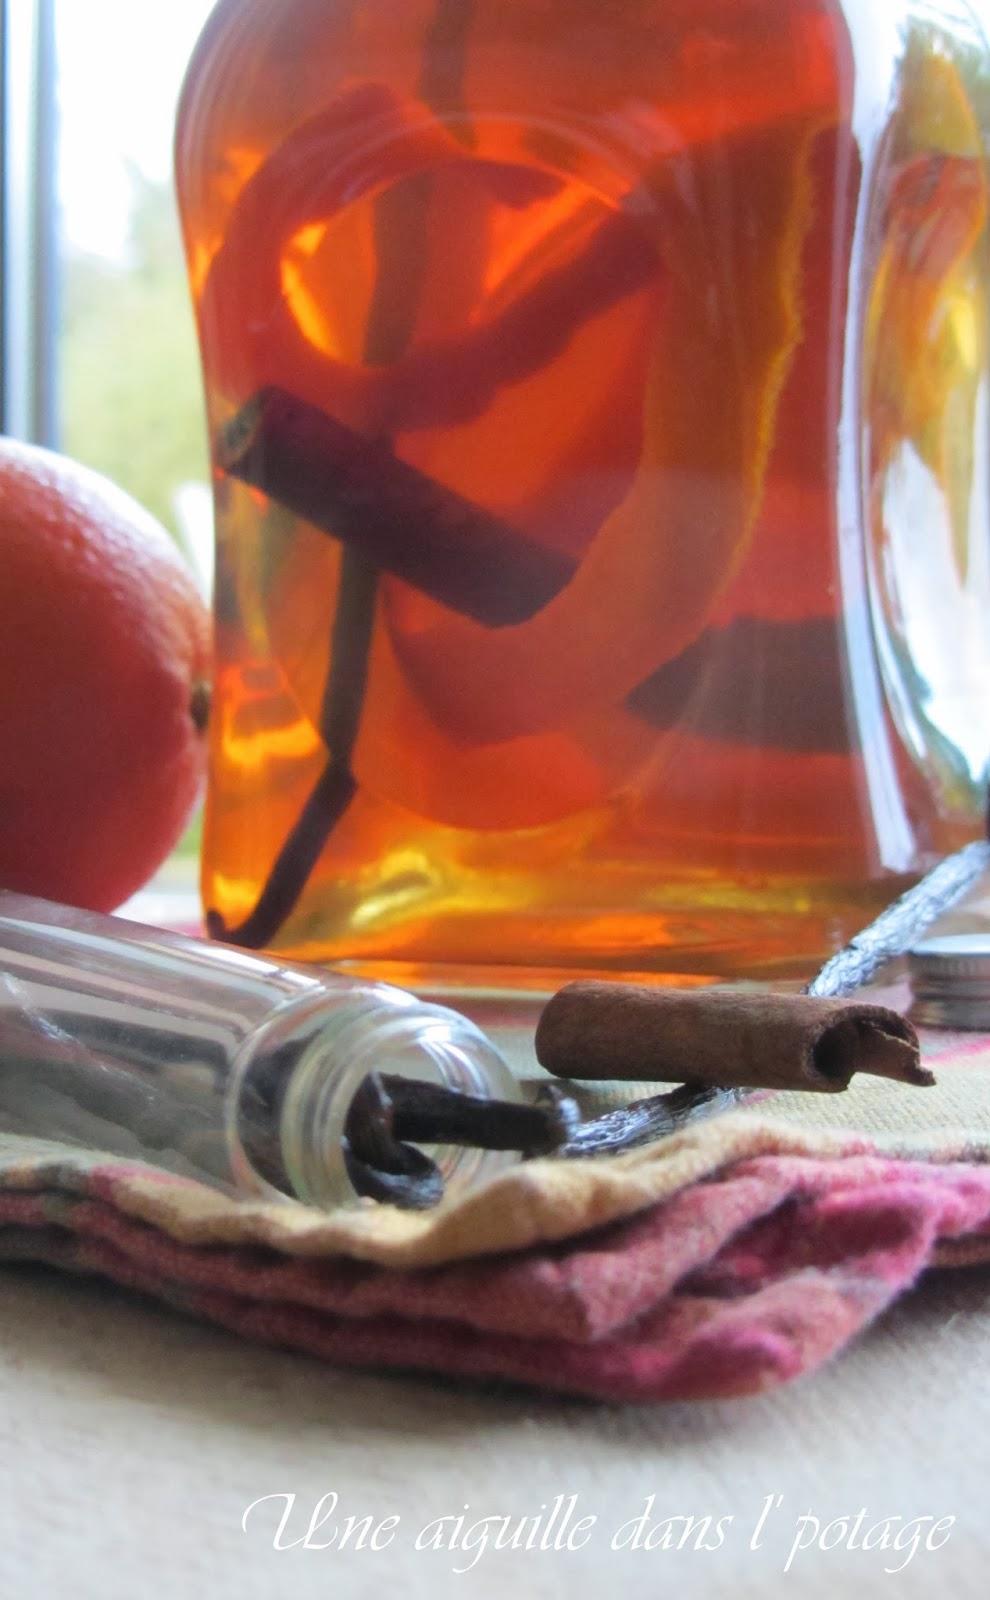 une aiguille dans l' potage: Rhum arrangé orange-cannelle